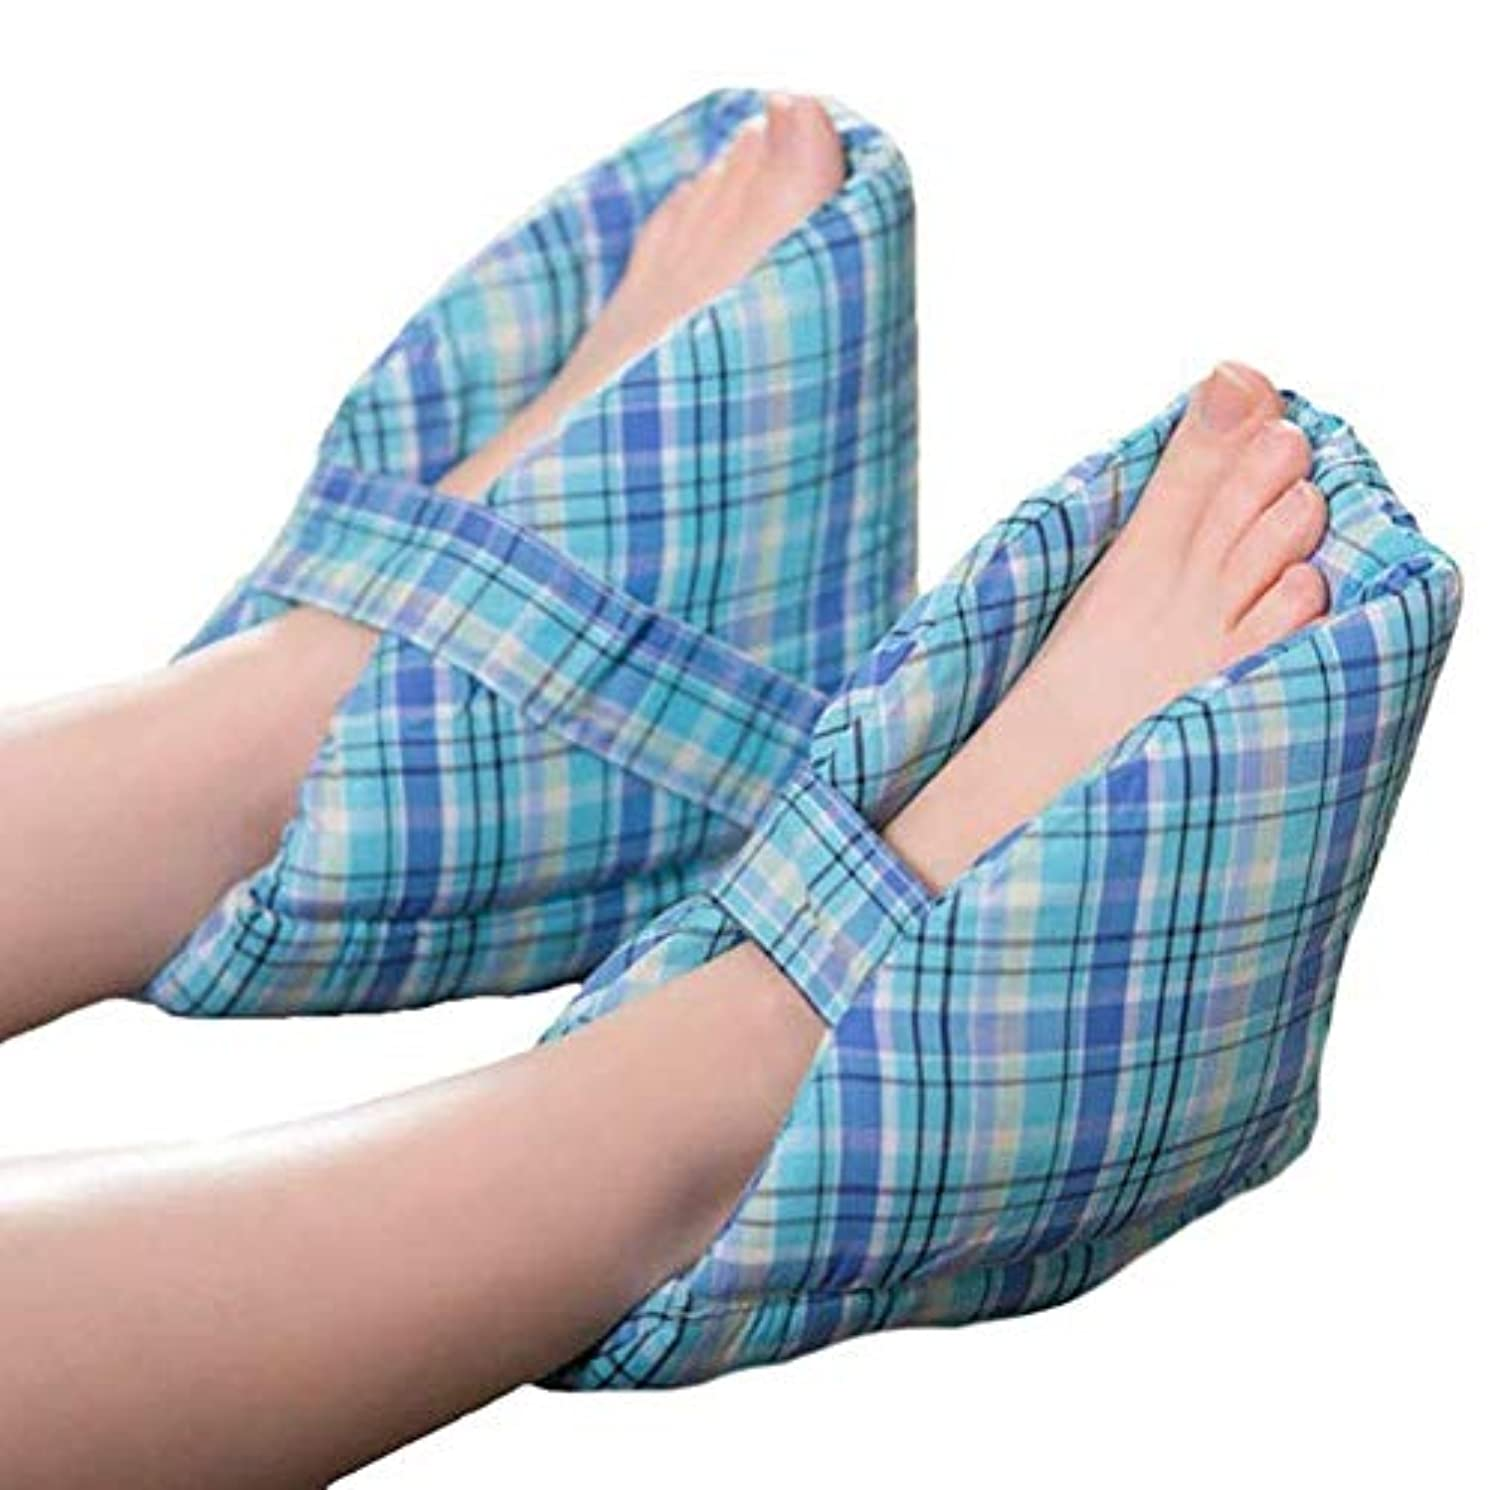 取り付け服ピラミッドかかとプロテクター柔らかく快適な履き心地により、足の枕、かかとのクッション、かかとの保護、1ペアが見つかります